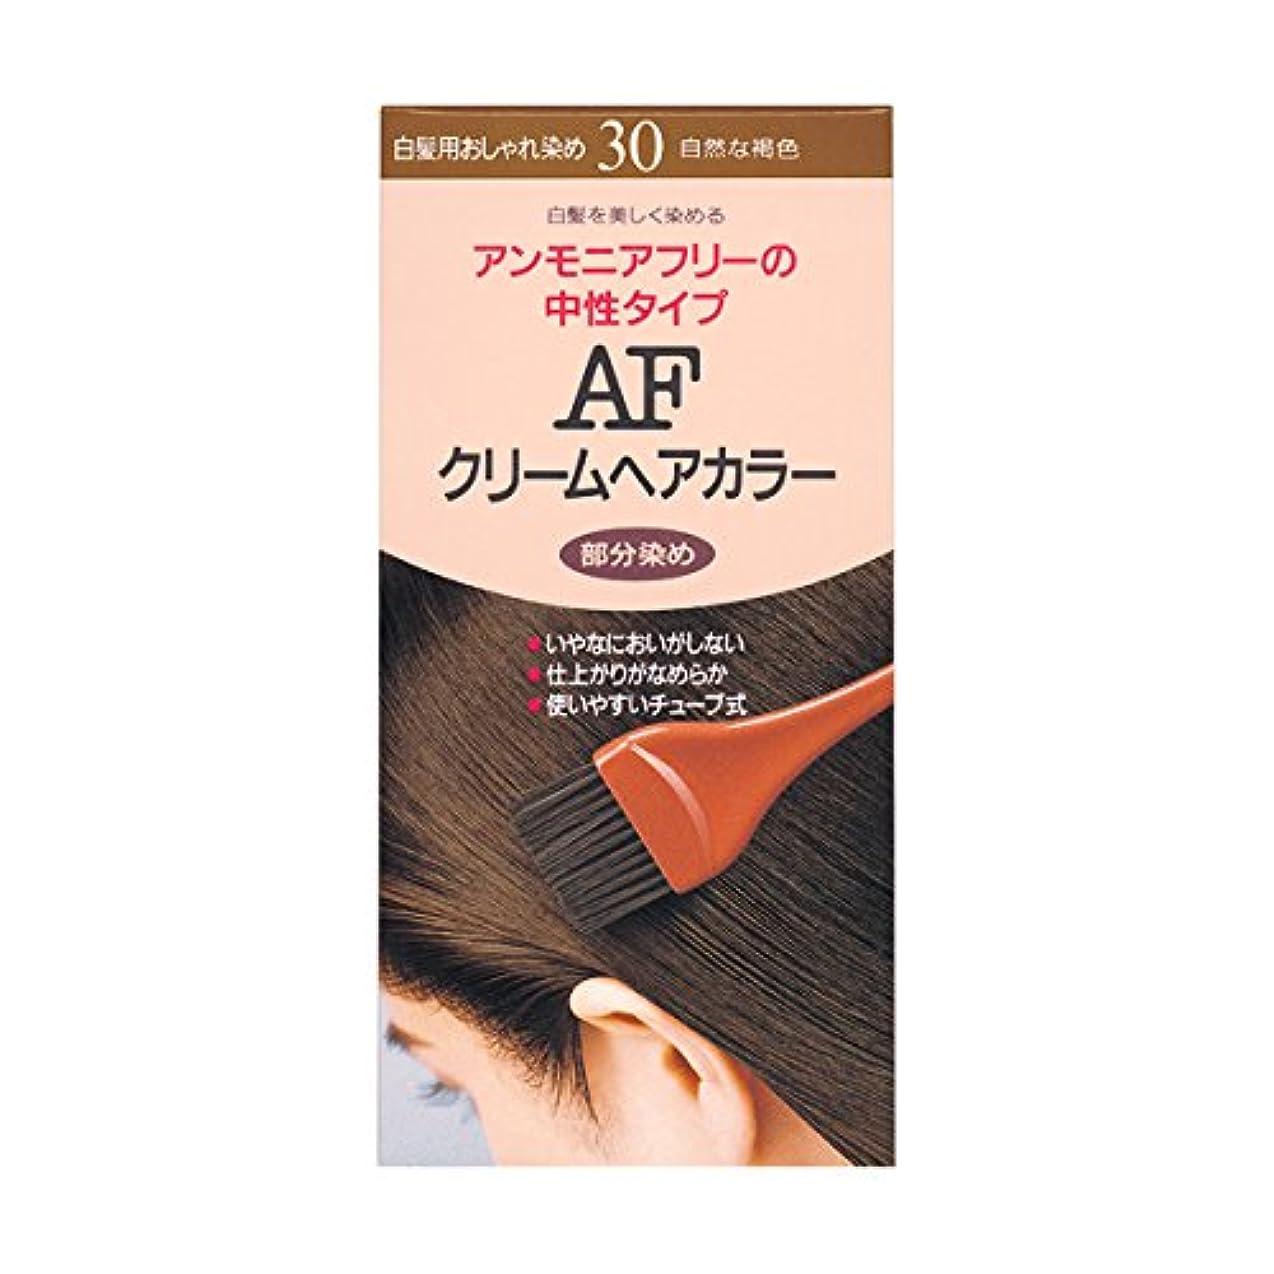 ホステスかみそりチラチラするヘアカラー AFクリームヘアカラー 30 【医薬部外品】